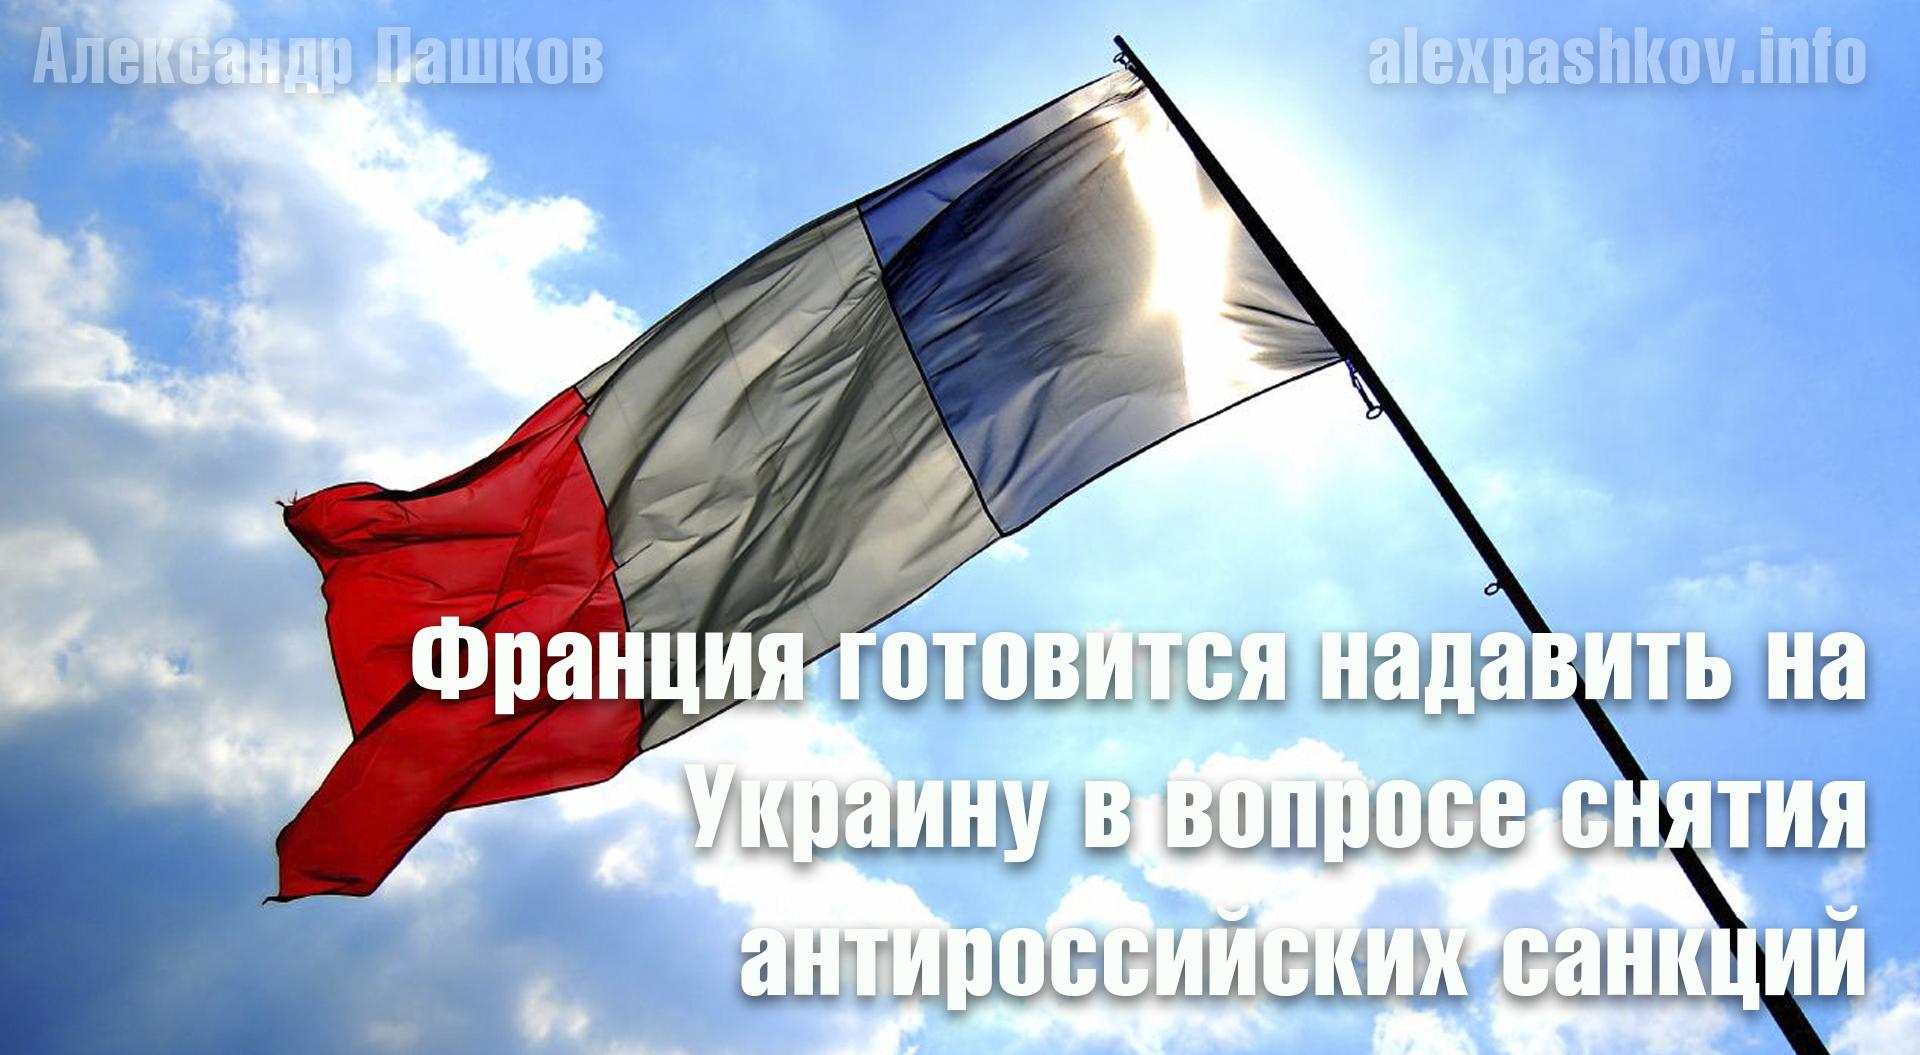 В Киев прибудет делегация французского парламента, чтобы встретиться с депутатами Верховной Рады.